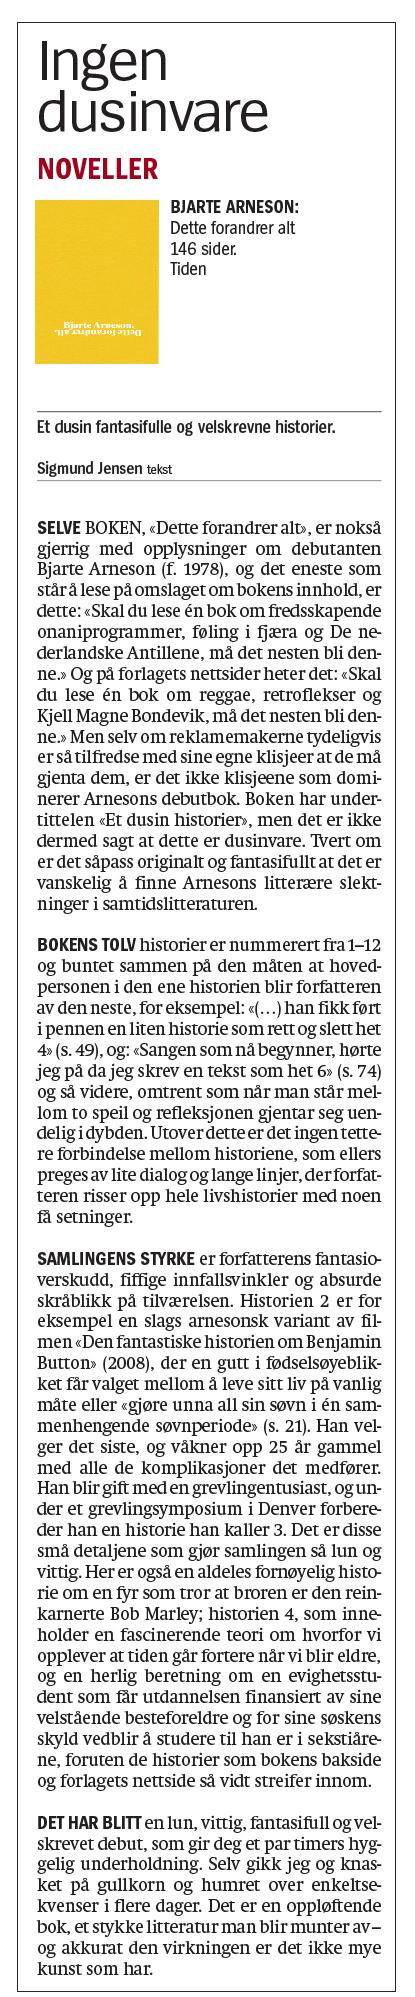 dfa_aftenbladet.jpg